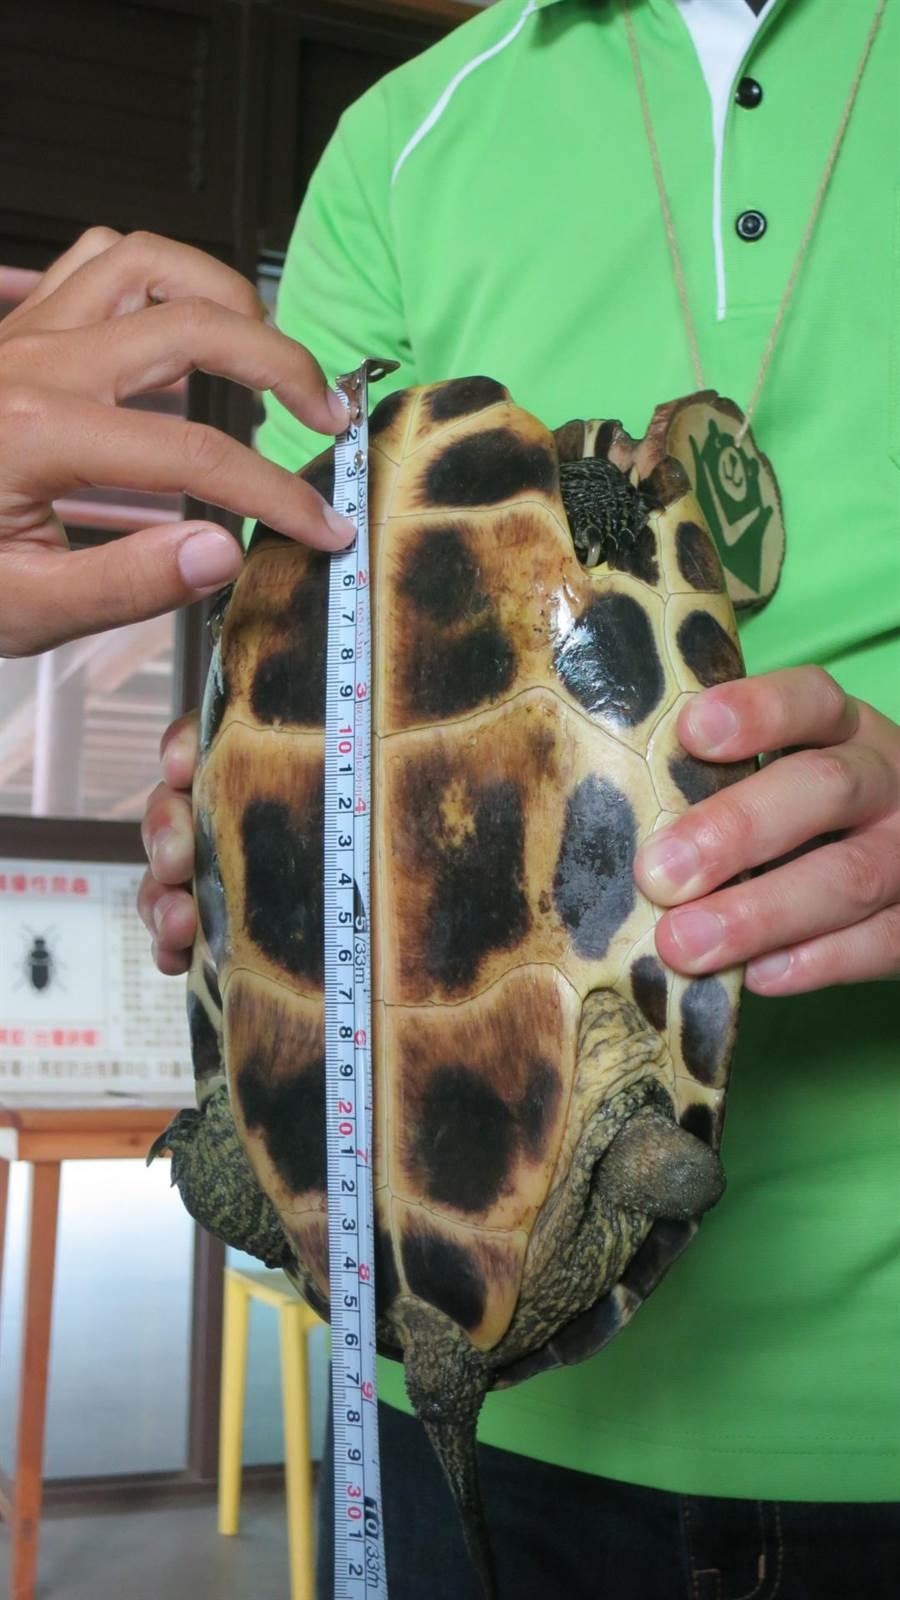 昨日一位陳姓民眾在中埔鄉五虎寮橋撿到一隻烏龜,後送至觸口工作站,經專業人員鑑定後確認為斑龜,全長為26.5公分。(余信賢攝)